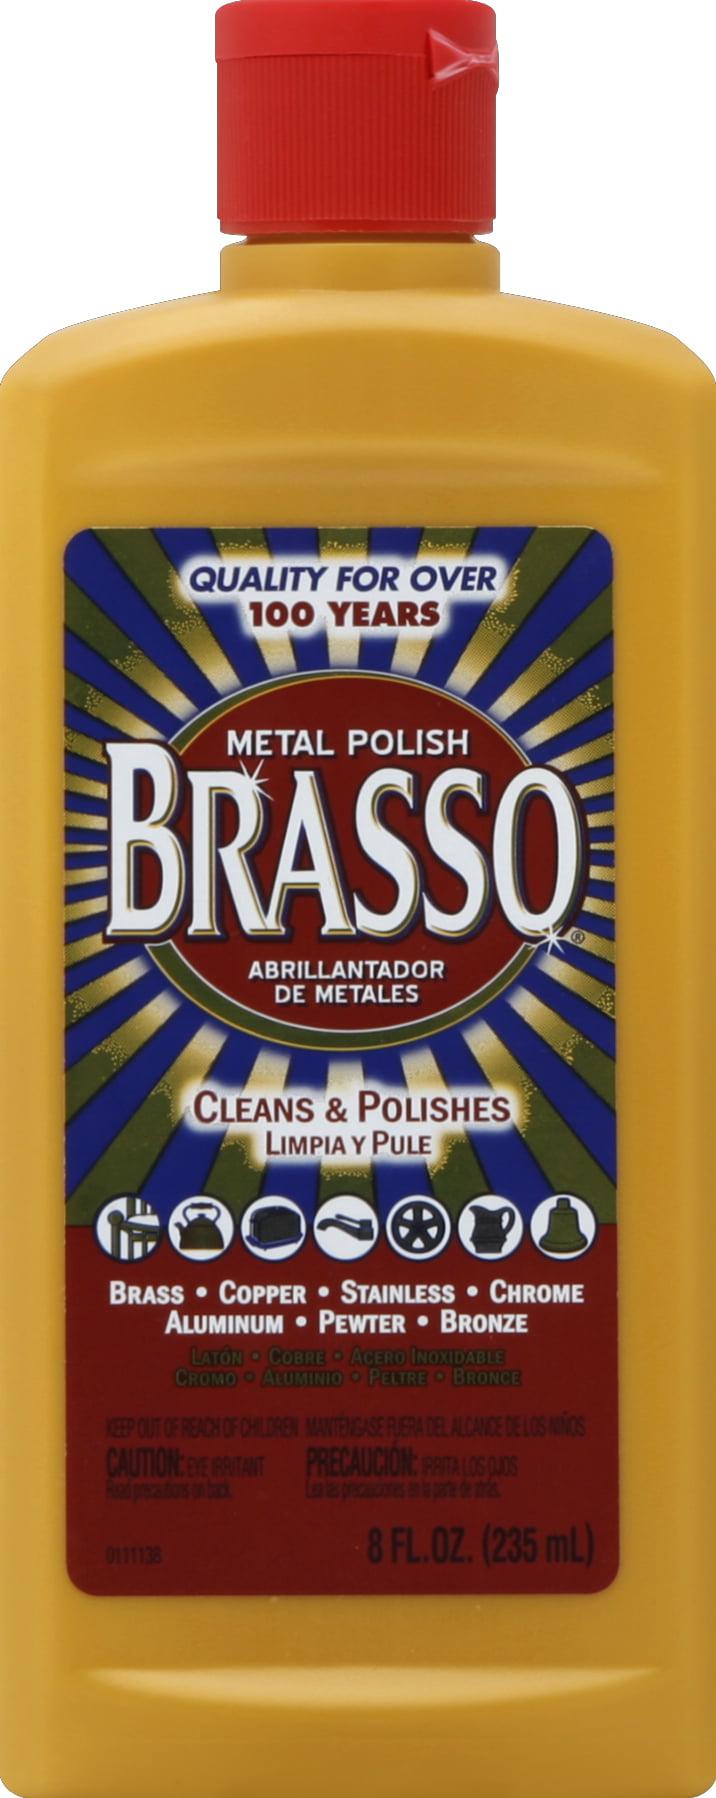 Metal Polishing Near Me >> Brasso Metal Polish 8oz Bottle For Brass Copper Stainless Chrome Aluminum Pewter Bronze